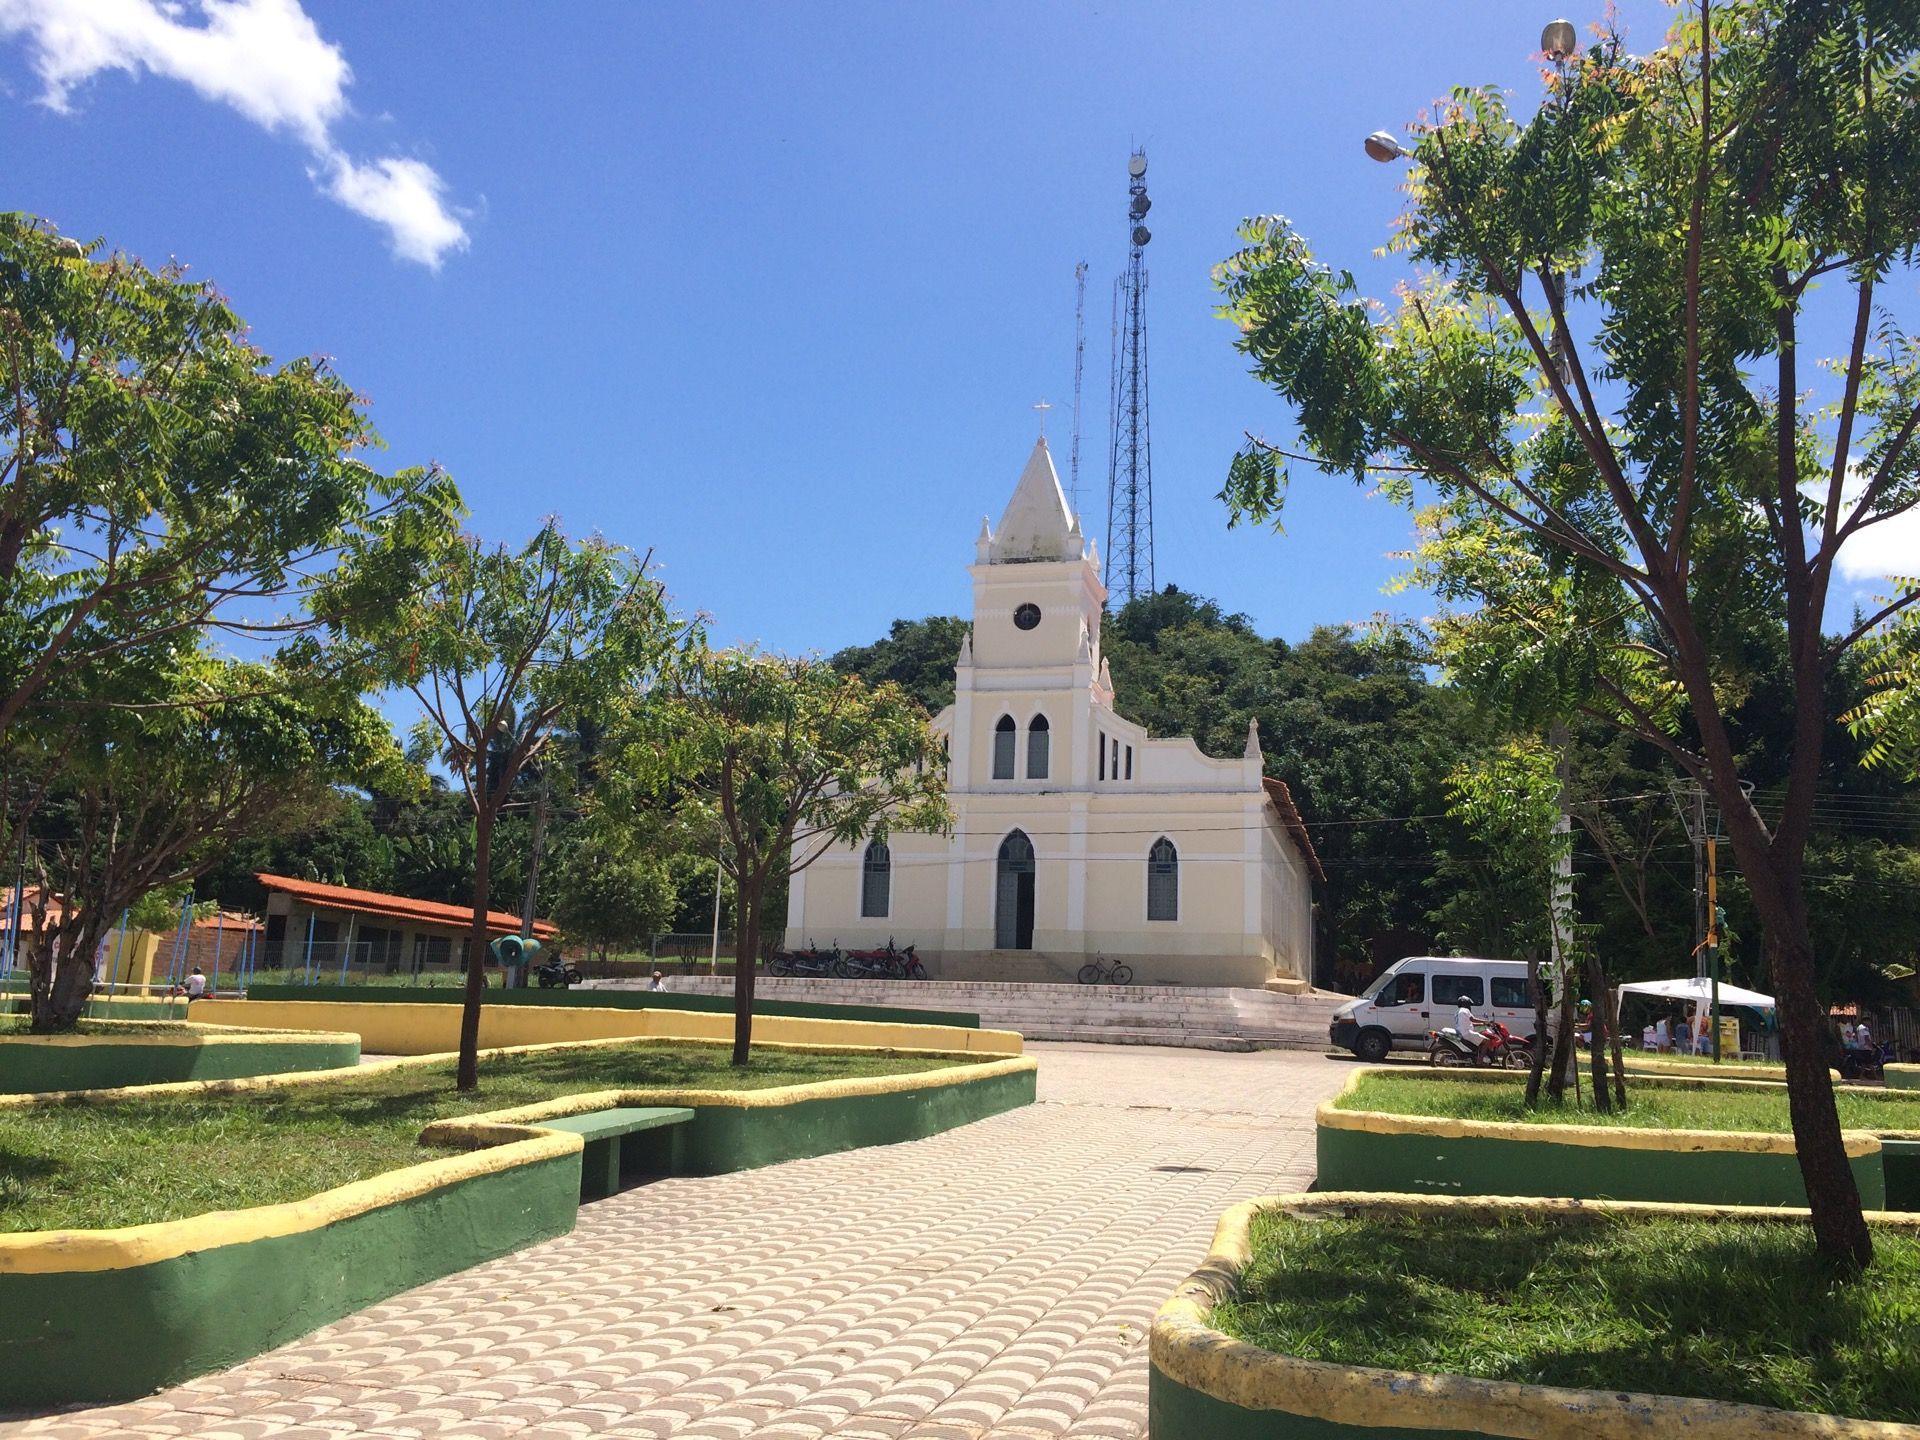 Buriti Maranhão fonte: i.pinimg.com